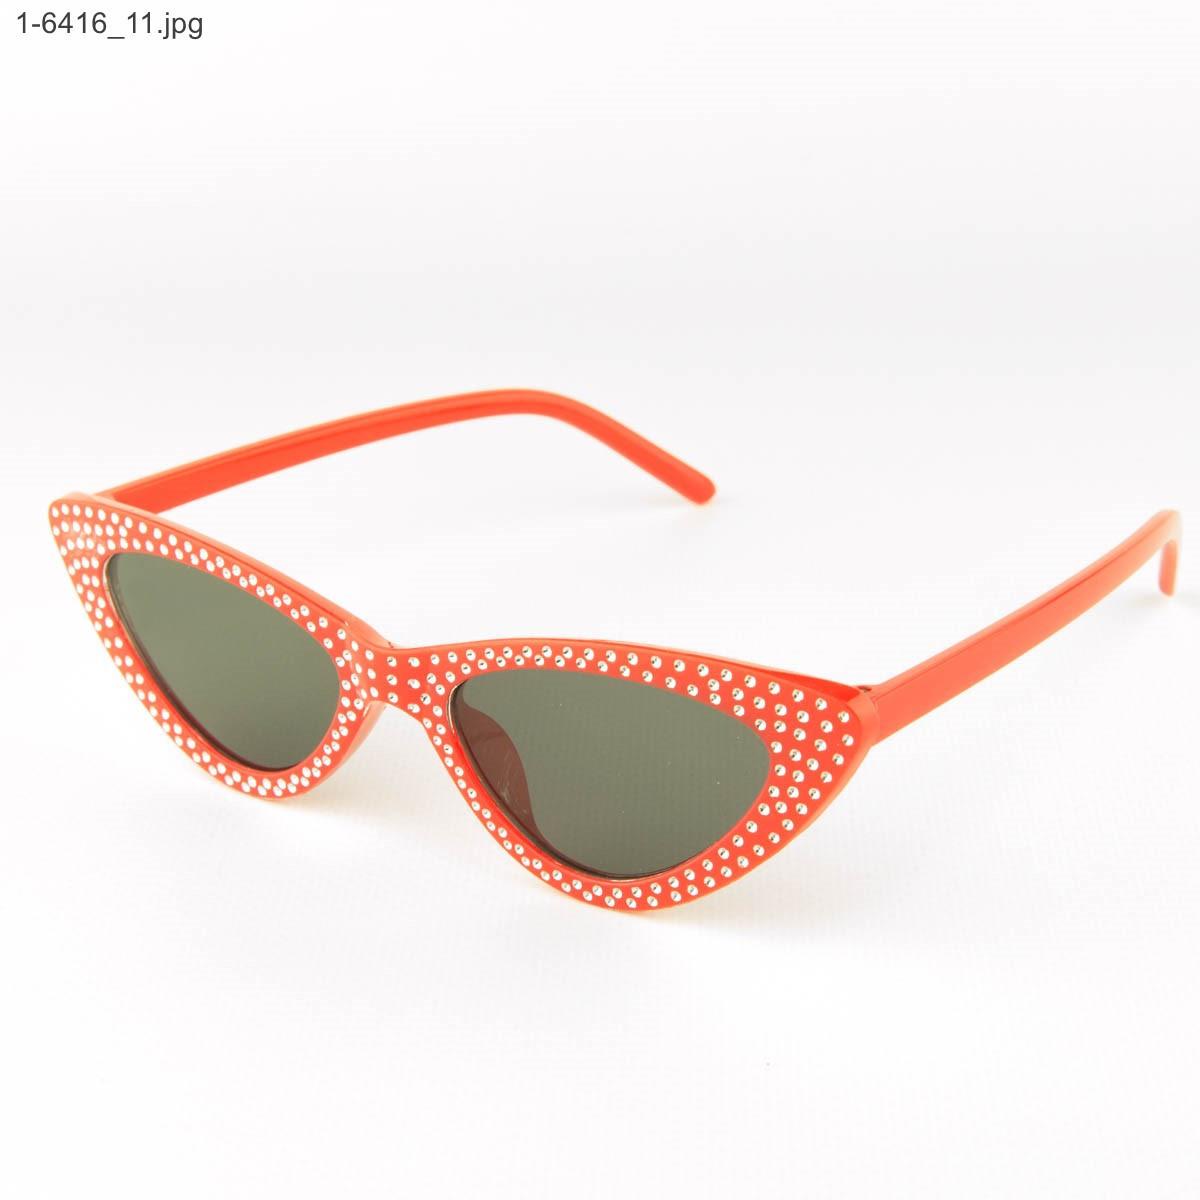 Оптом женские очки кошачий глаз - Красные с черными линзами - 1-6416